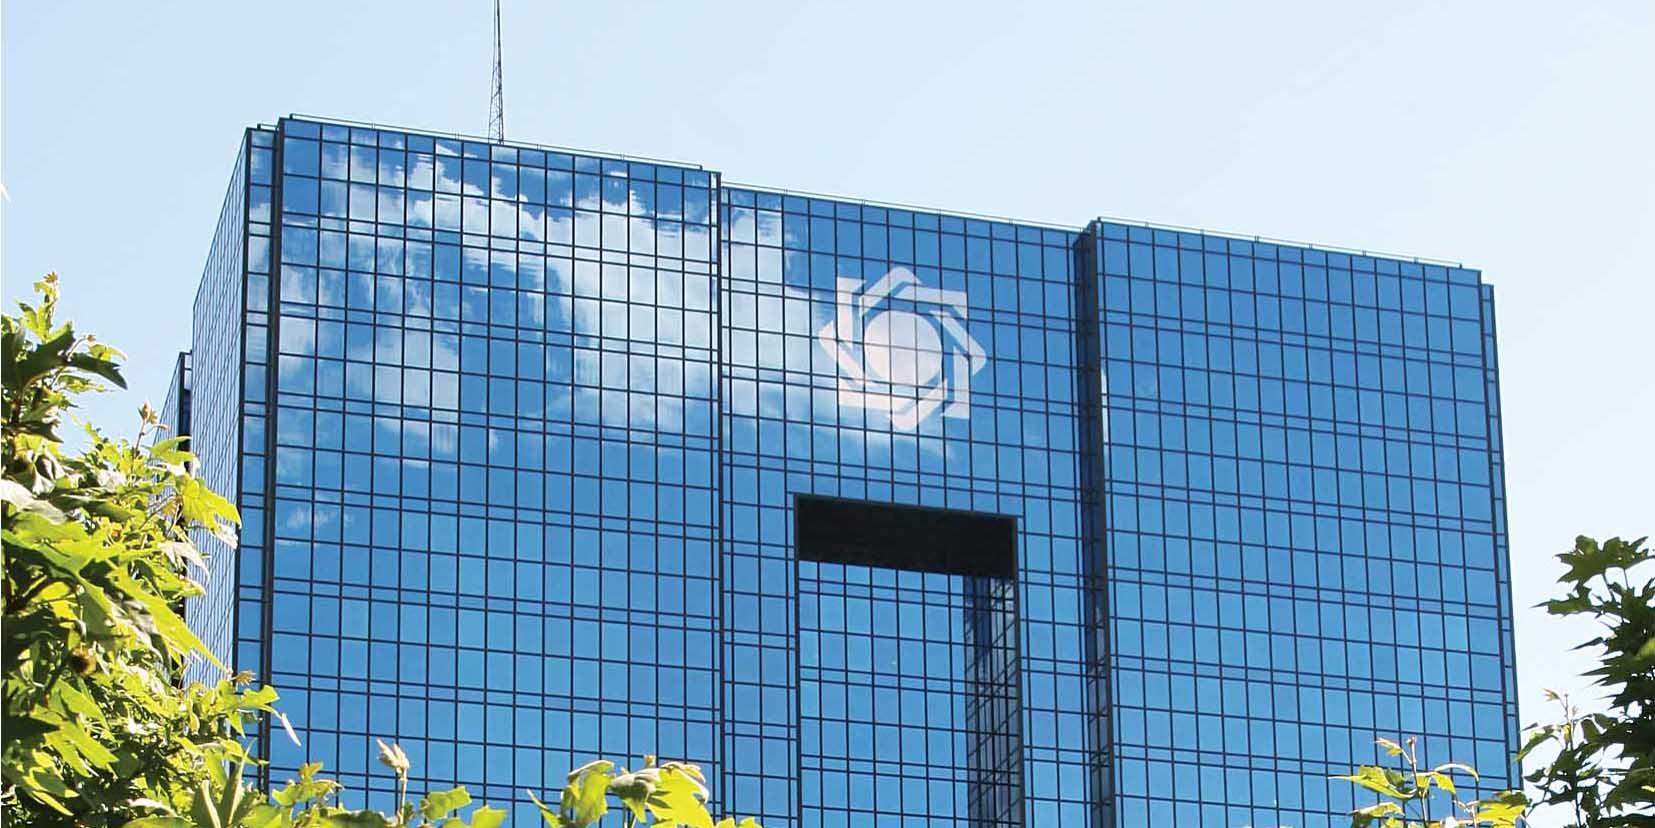 ویرایش جدید اصول چهاردهگانه برای بهبود حاکمیت شرکتی کمیته بال منتشر شد